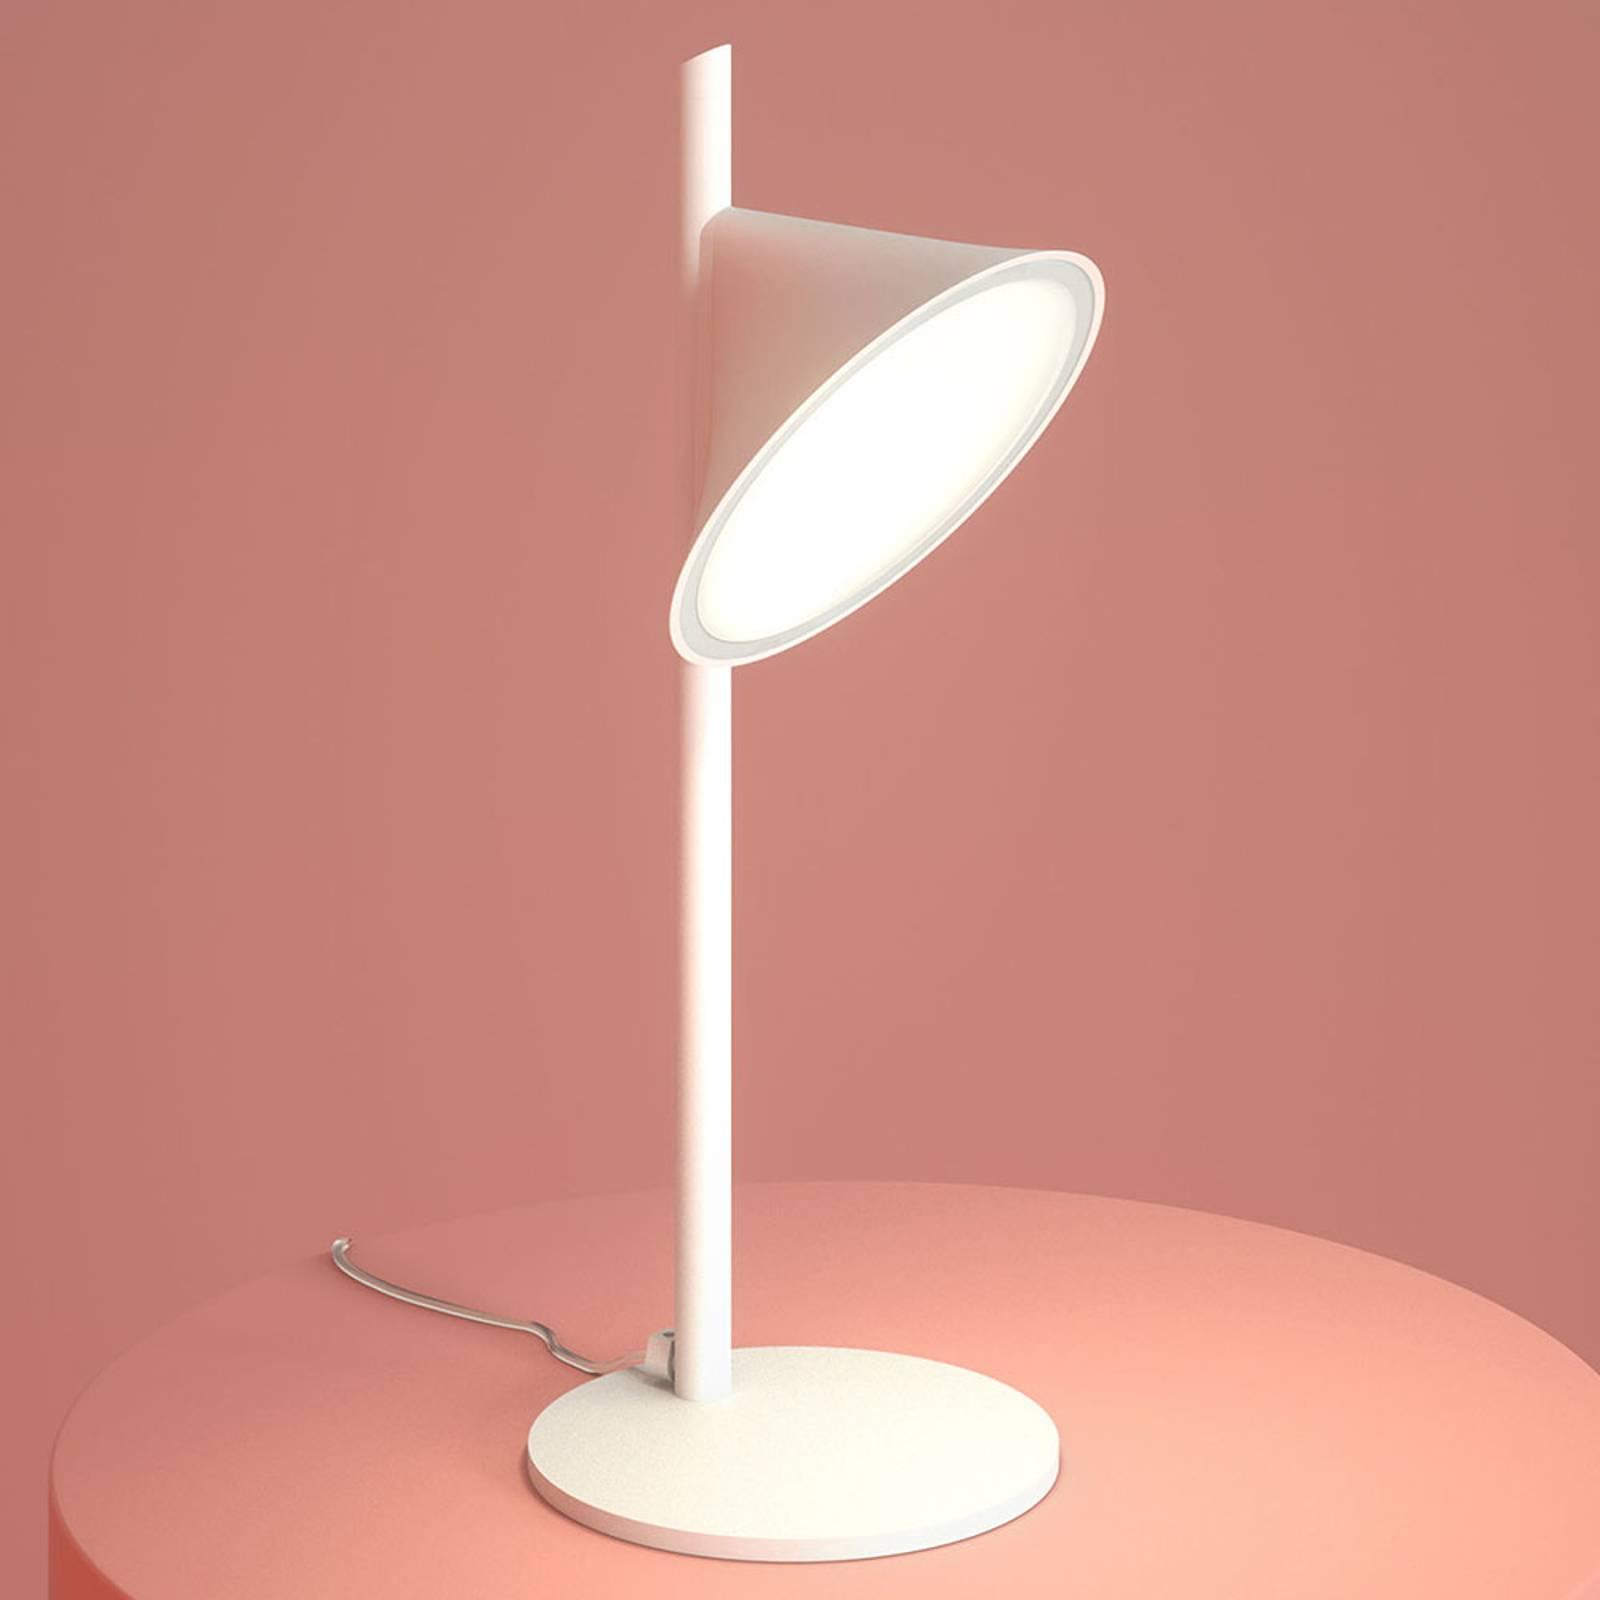 Axolight Orchid LED-pöytälamppu, valkoinen